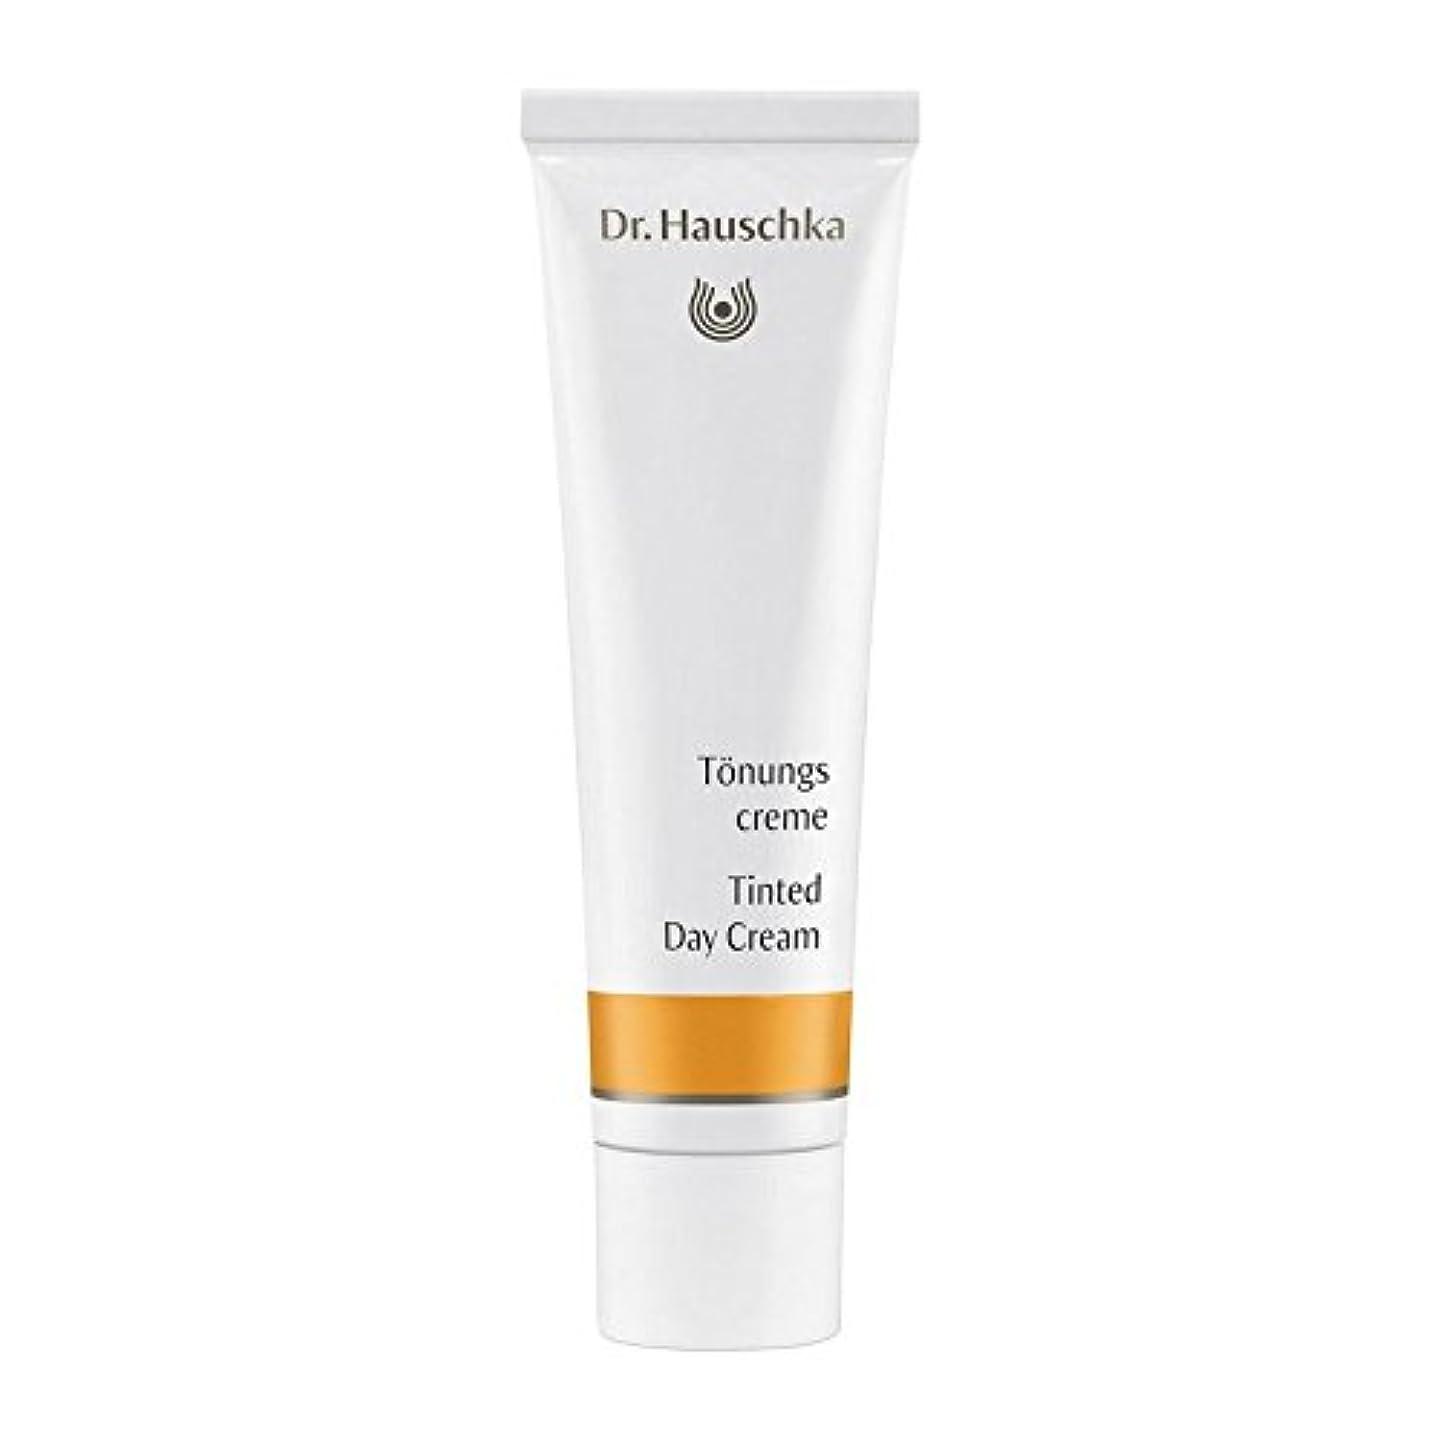 何か溶ける求人Dr. Hauschka Tinted Day Cream 30ml - ハウシュカ着色デイクリーム30 [並行輸入品]